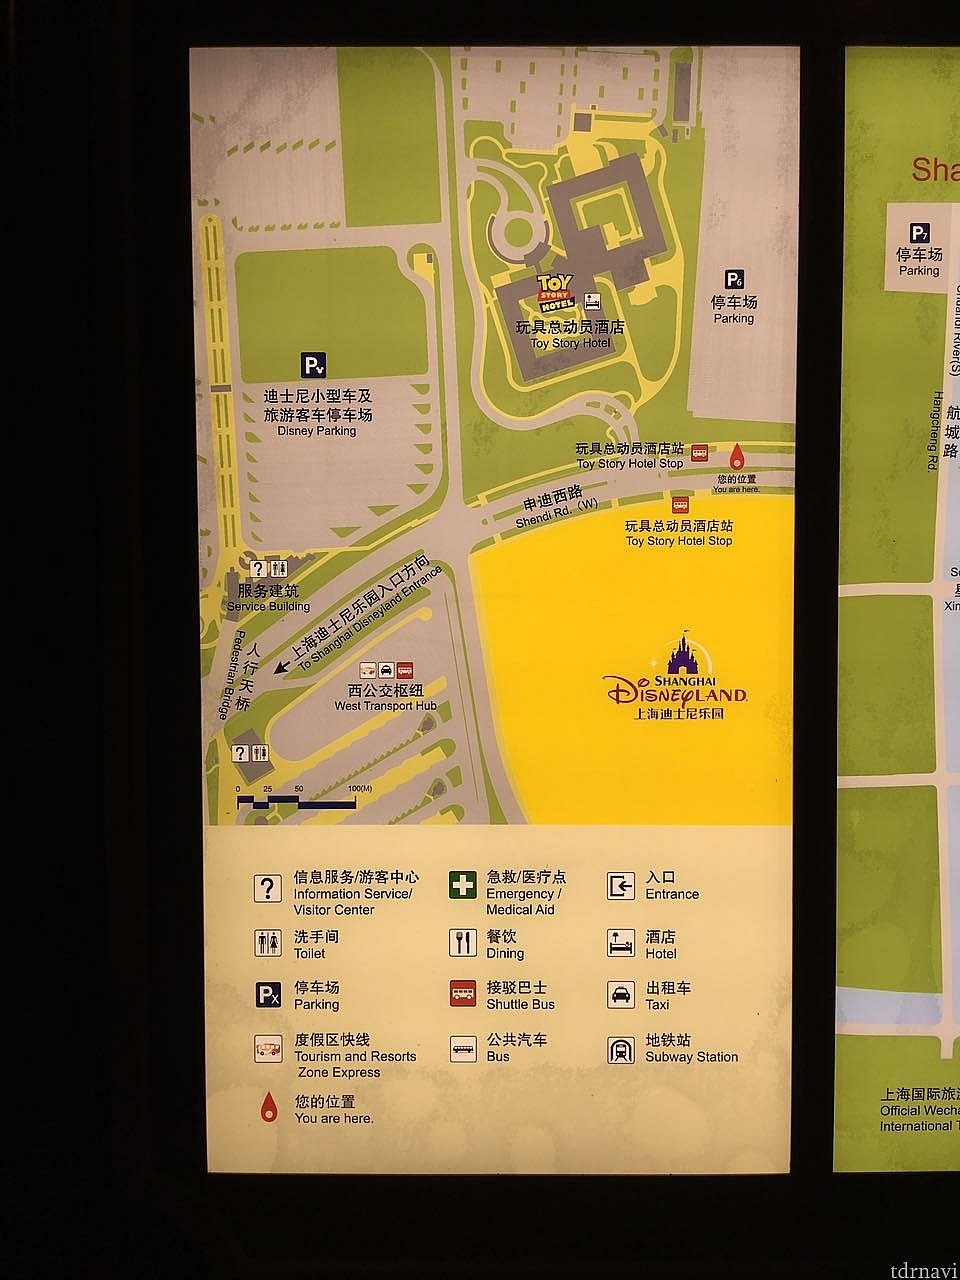 付近の拡大地図。歩いても行けなく無いけどトイストーリーホテルからシャトルバスに乗ることにしました。